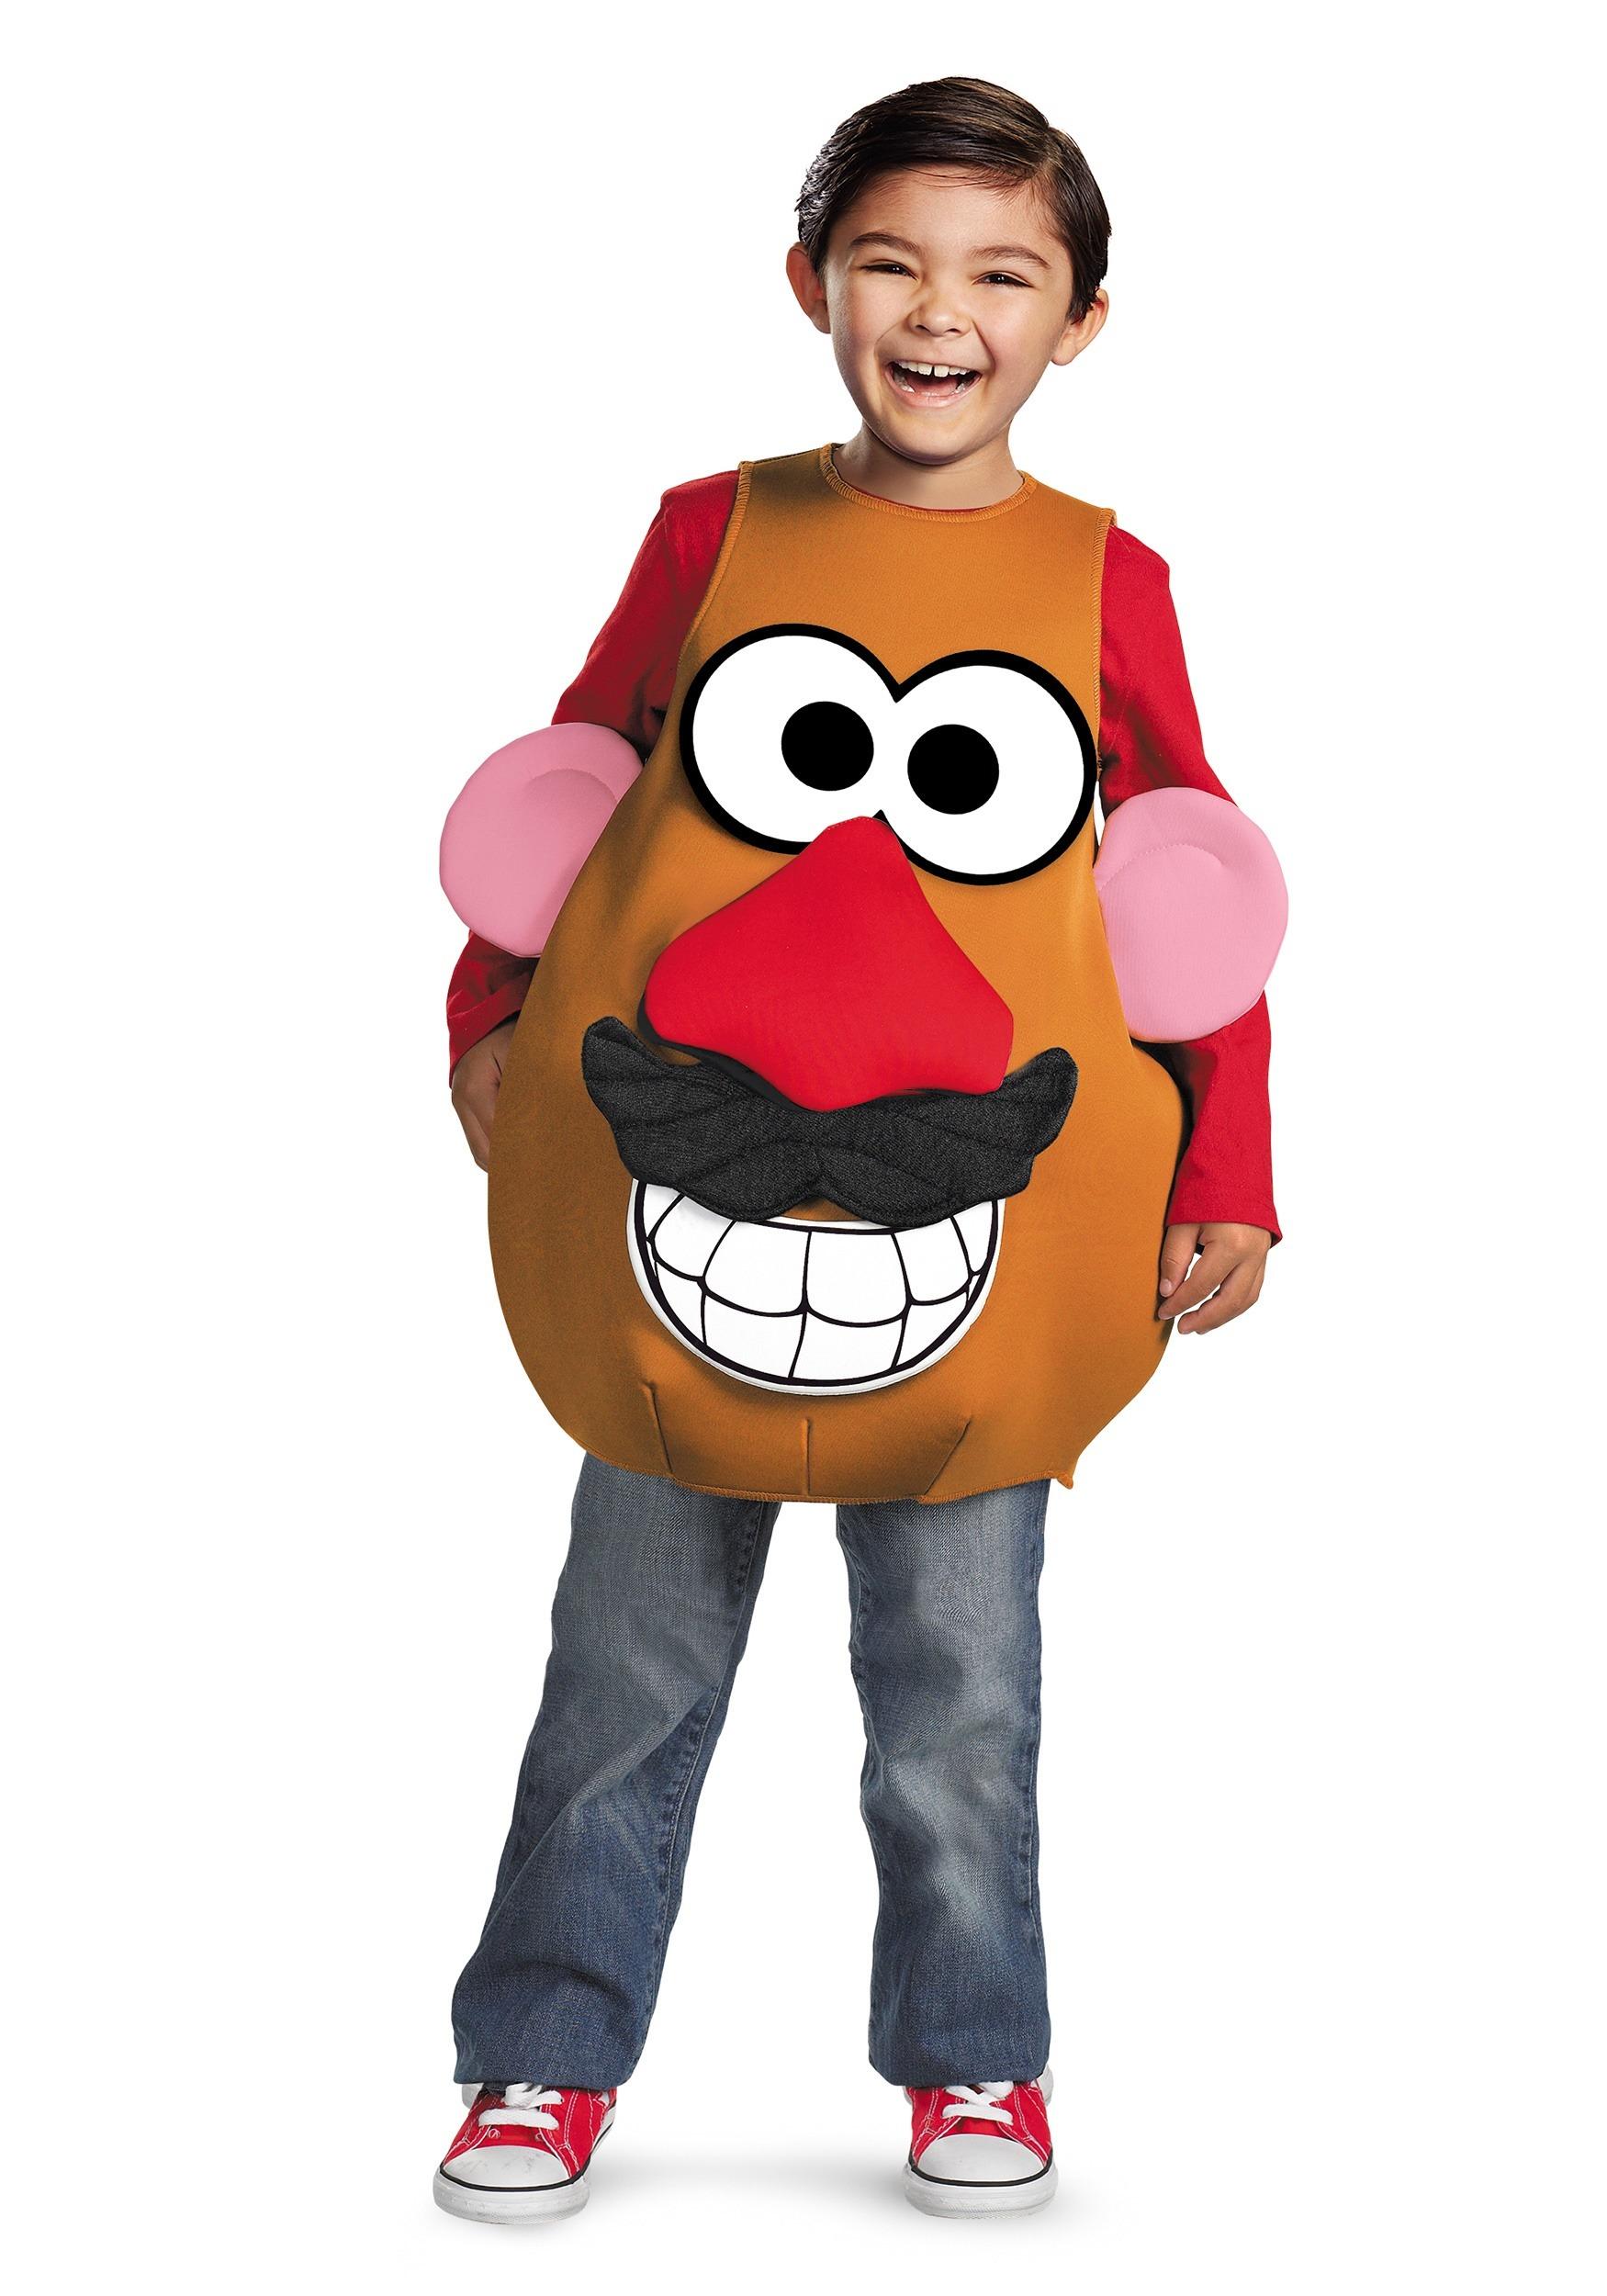 child mrsmr potato head costume